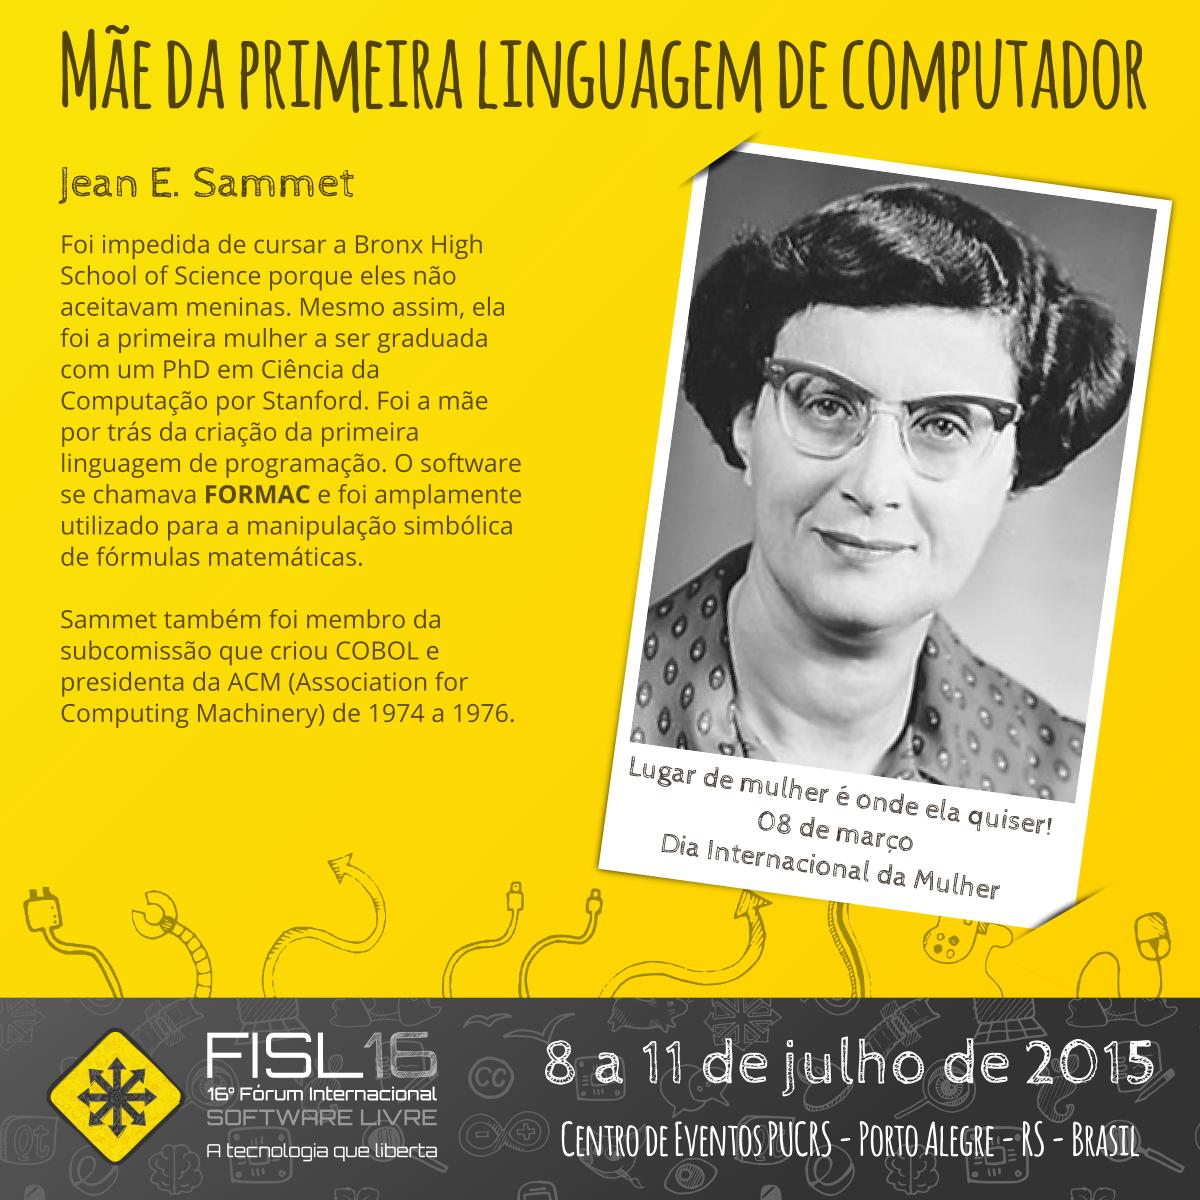 """Conheçam """"A Mãe da Primeira Linguagem de Computador"""", Jean E. Sammet. >> http://t.co/j12h6gEDwW http://t.co/dQzzlTO1PA"""